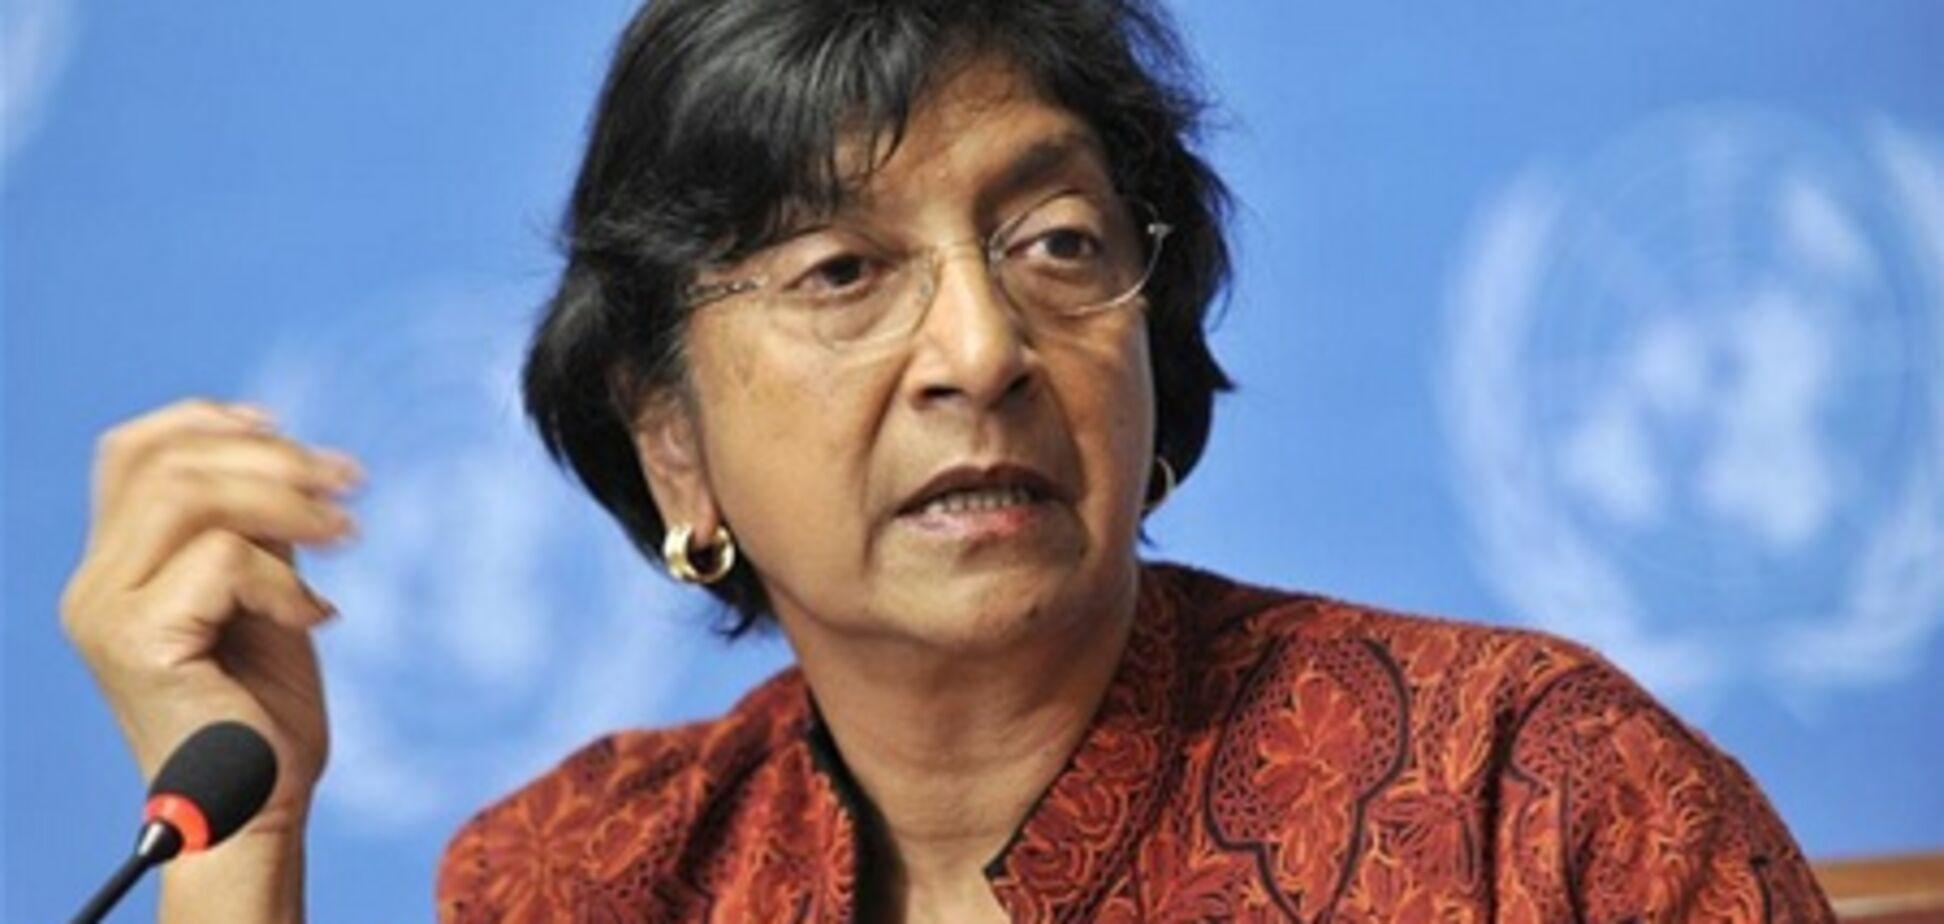 ООН закликала Ємен не надавати амністії військовим злочинцям